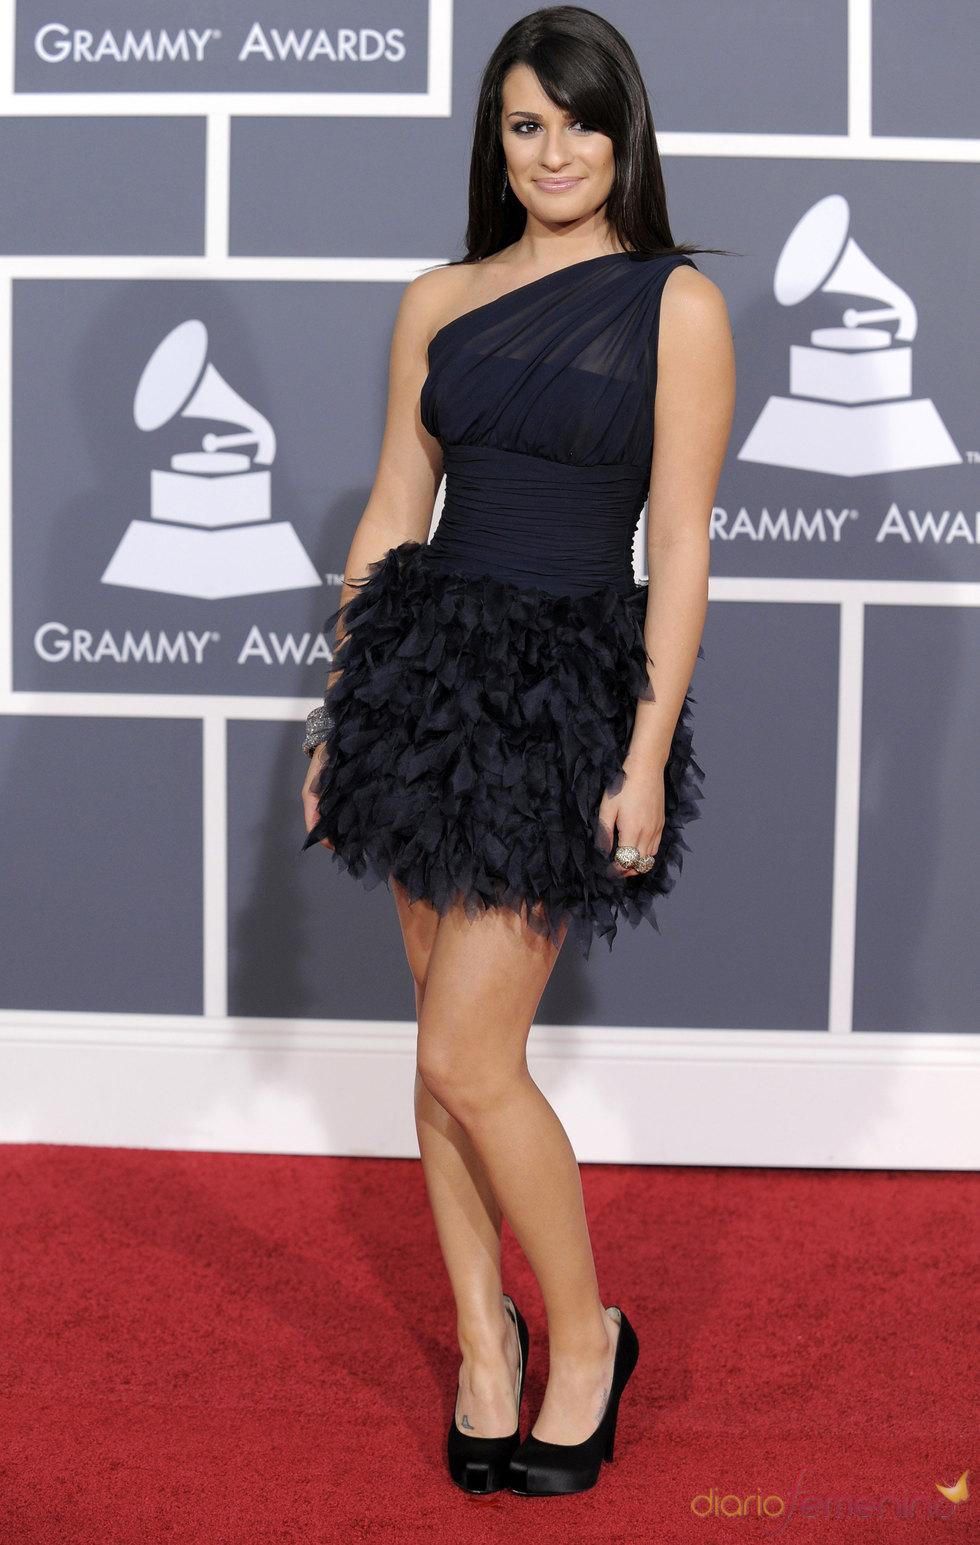 Lea Michele de Glee en los Grammy